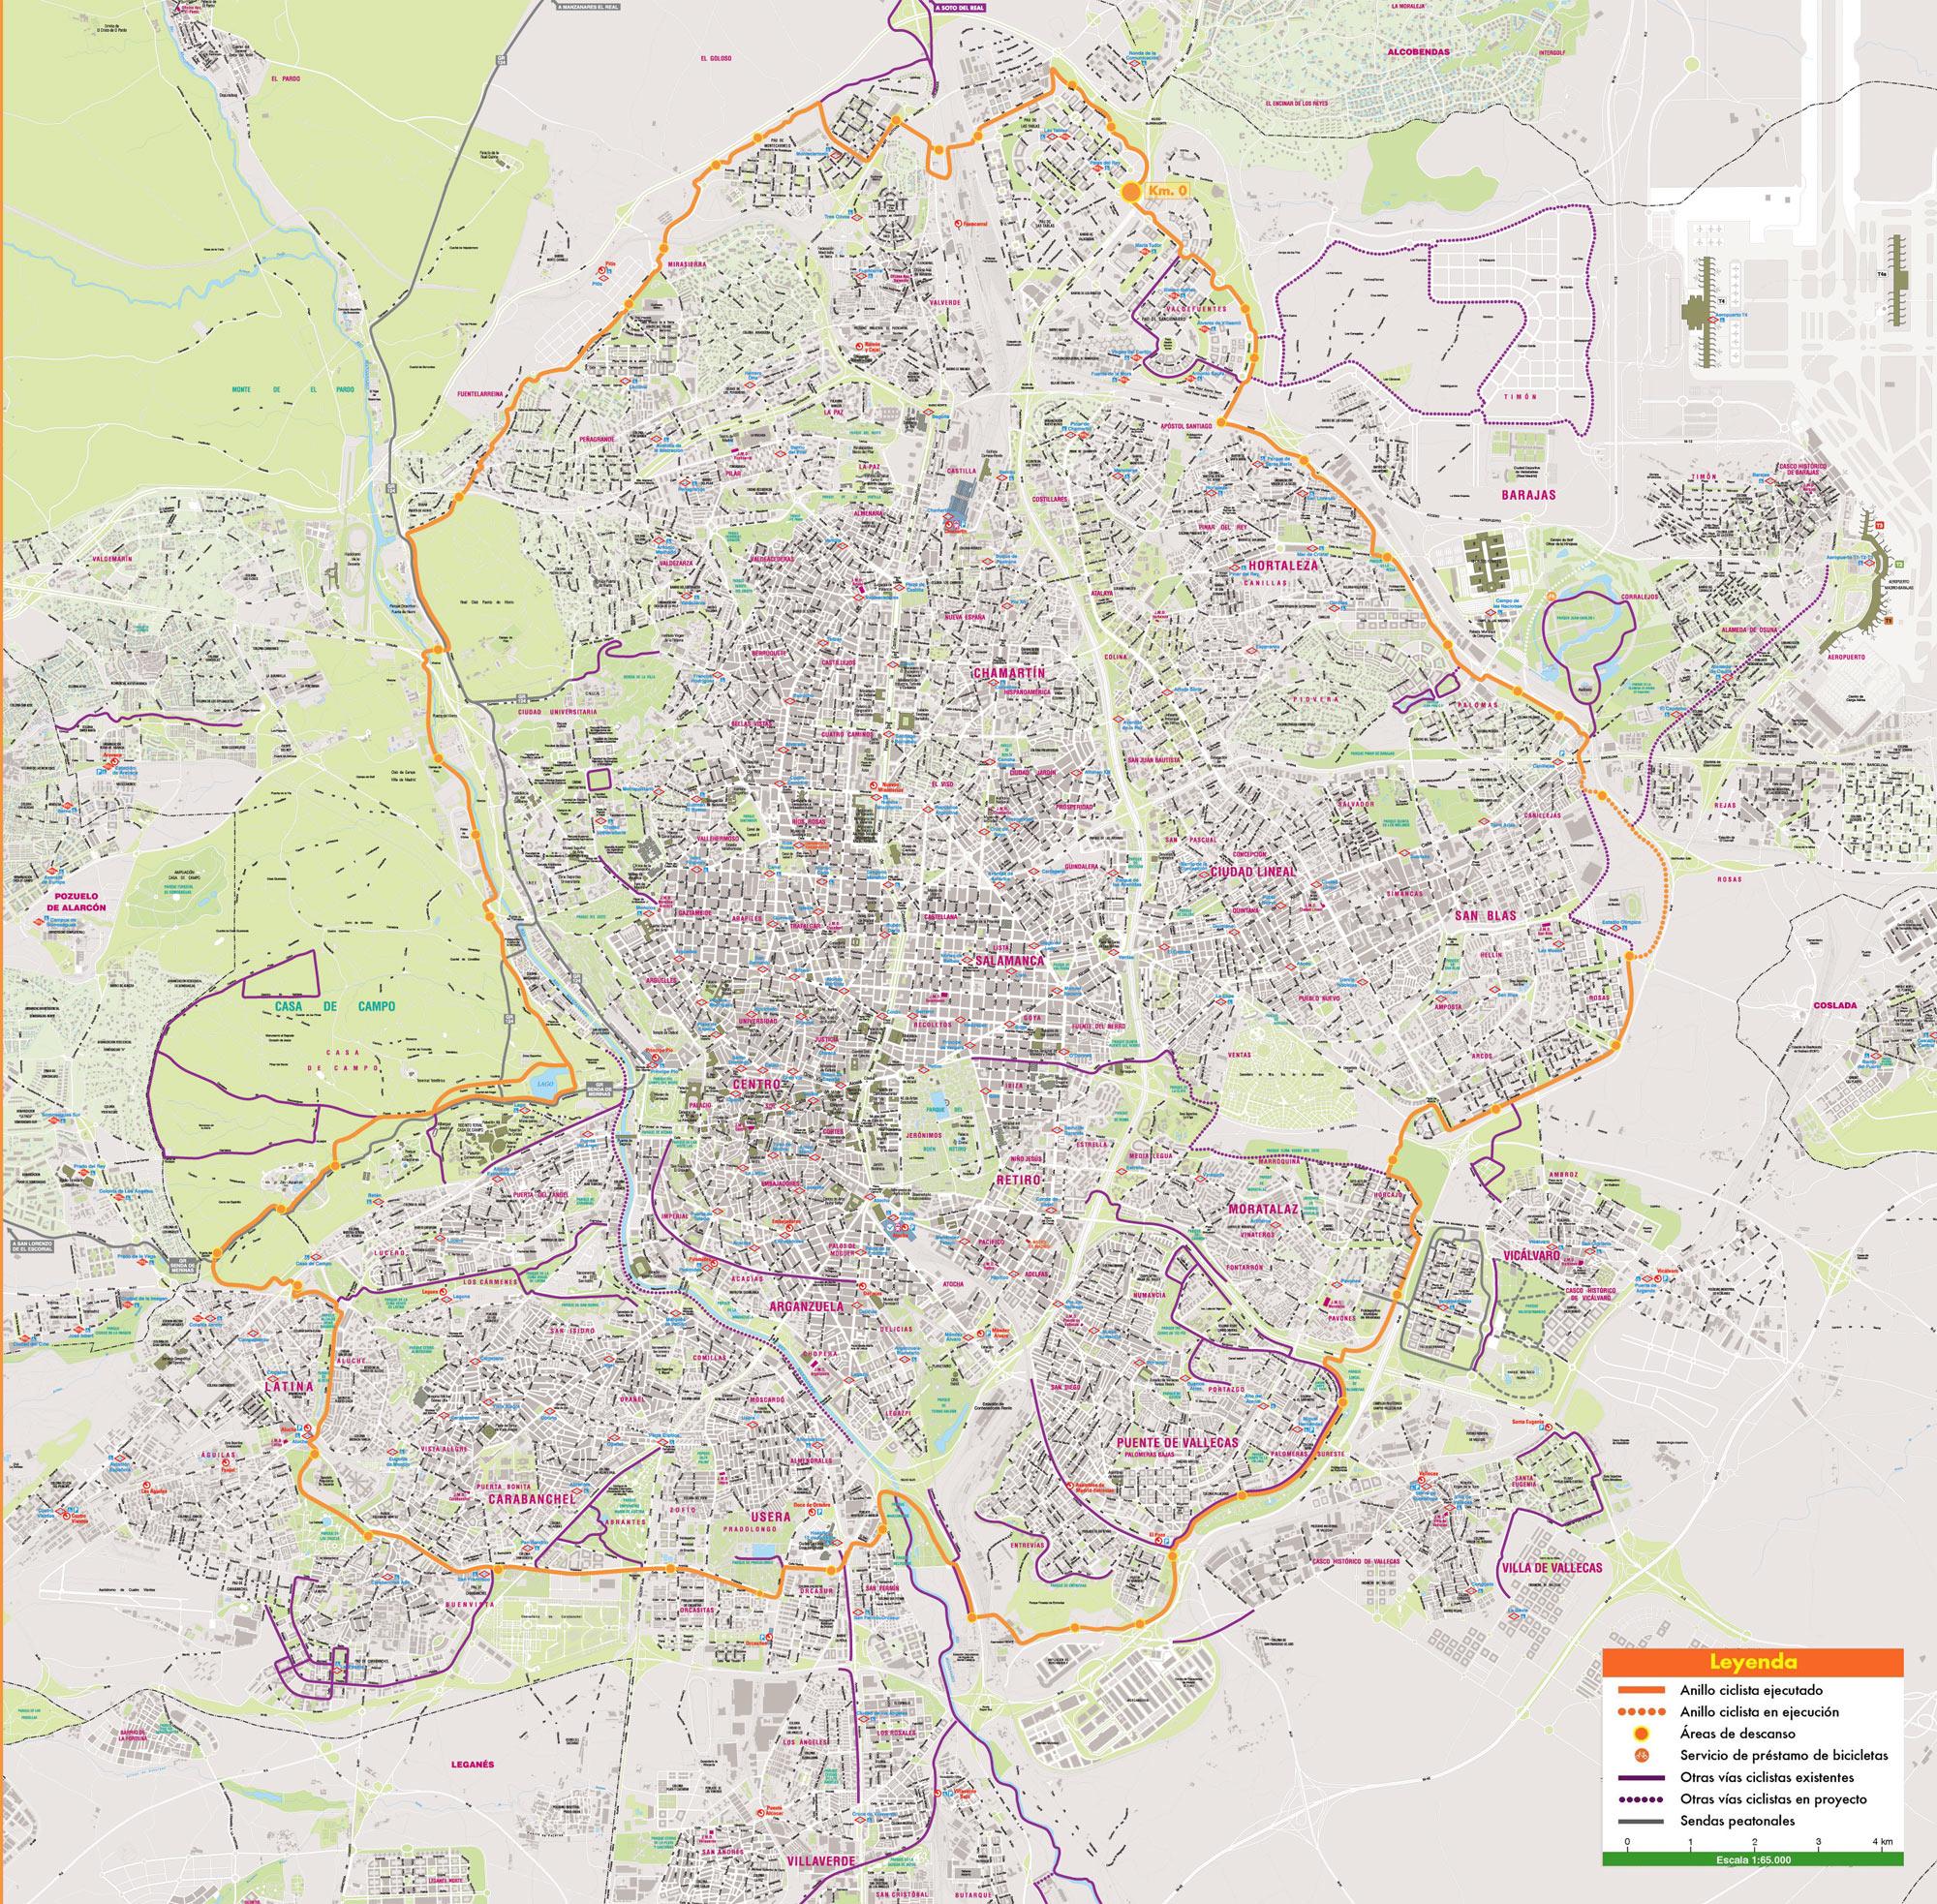 Mapa De Madrid Plano Y Callejero De Madrid 101viajes